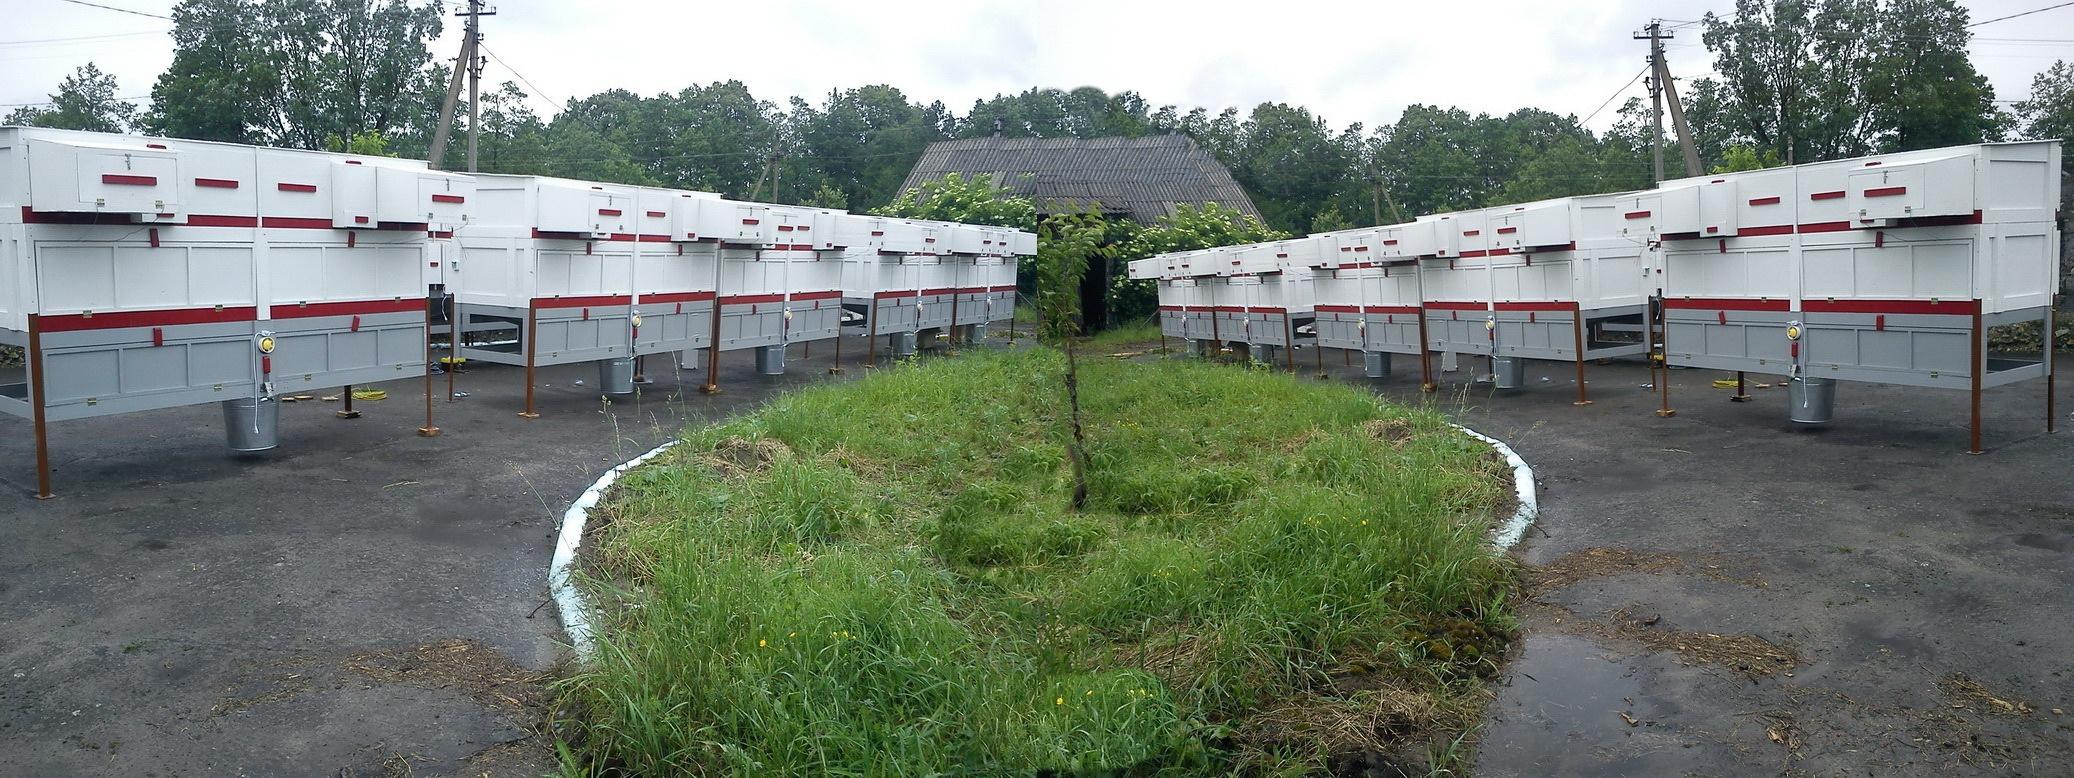 Öko-Kaninchen-Farmen zwecks Erzeugung vom puren Kaninchenfleisch